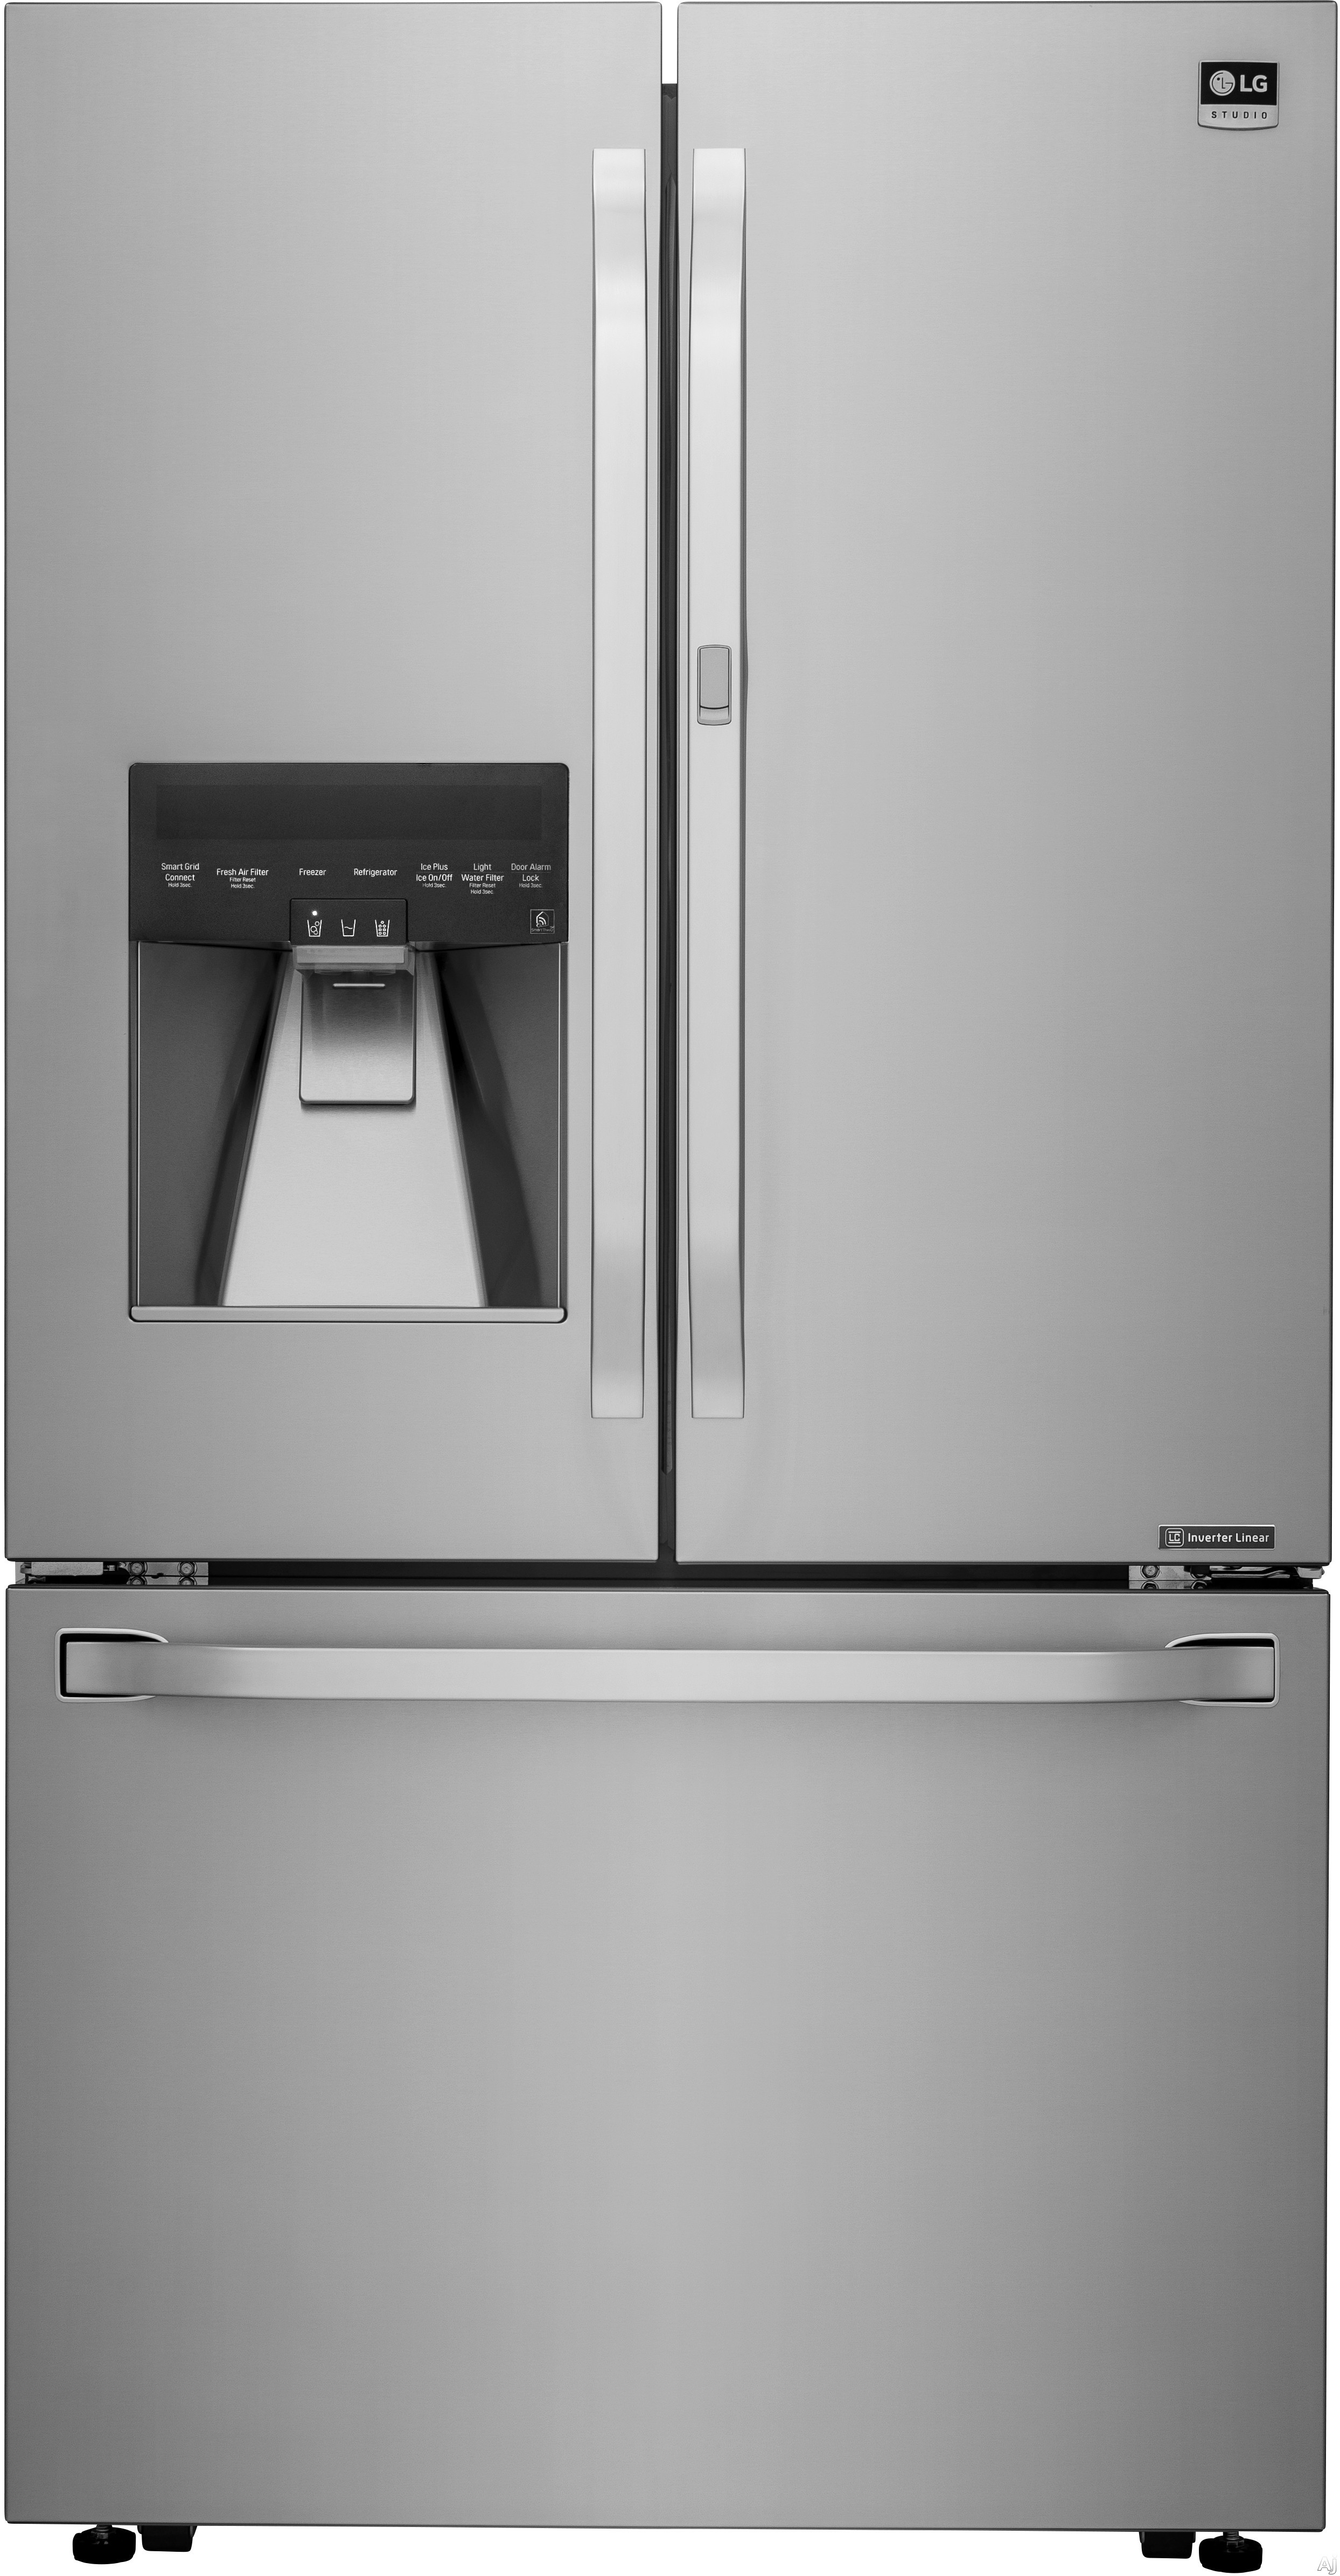 Lg Lsfxc2476s 23 5 Cu Ft Counter Depth French Door